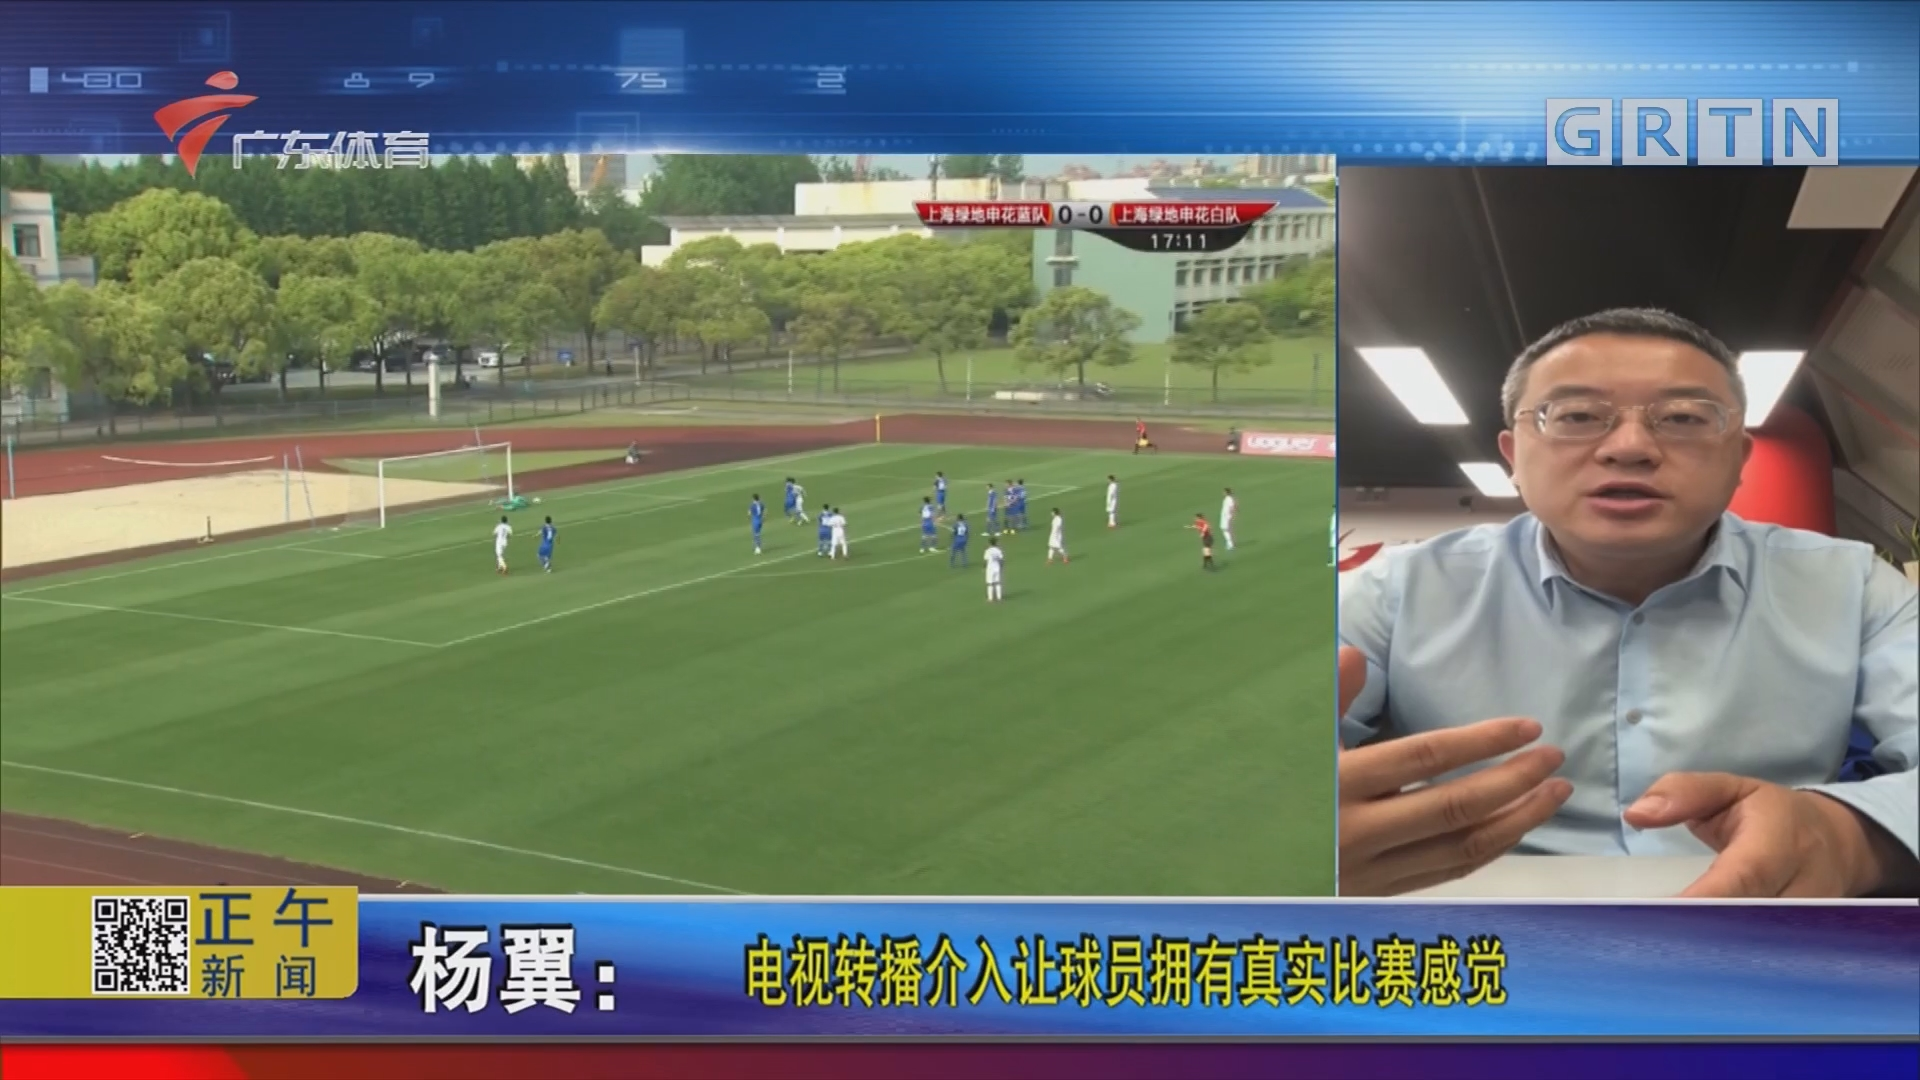 楊翼:電視轉播介入讓球員擁有真實比賽感覺